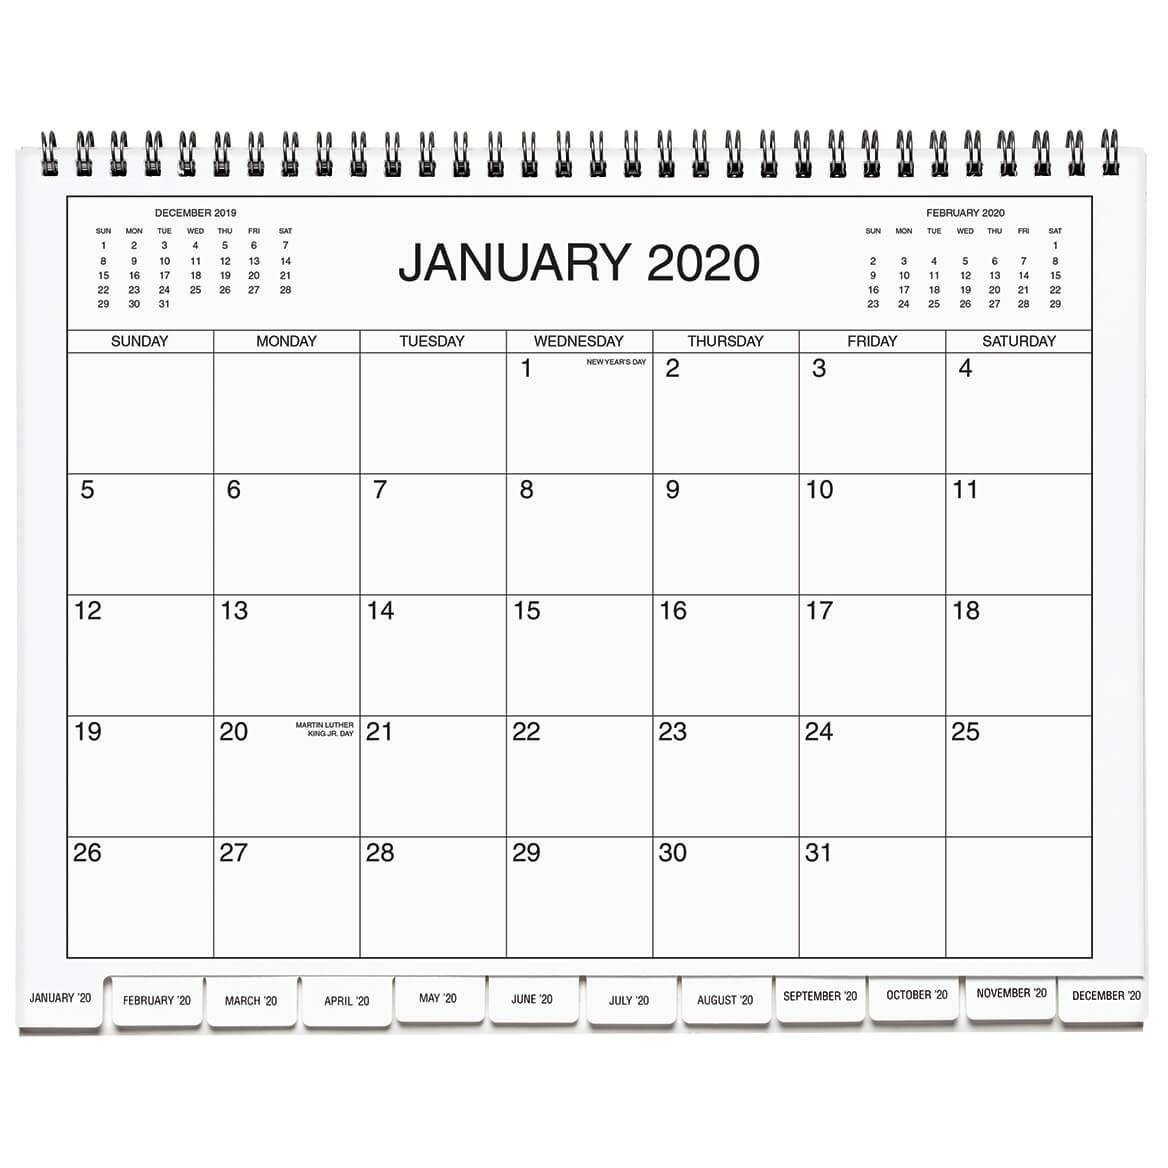 Details About 5-Year Calendar Planner, 2020-2024 Monthly Schedule Organizer  Flip Calendar